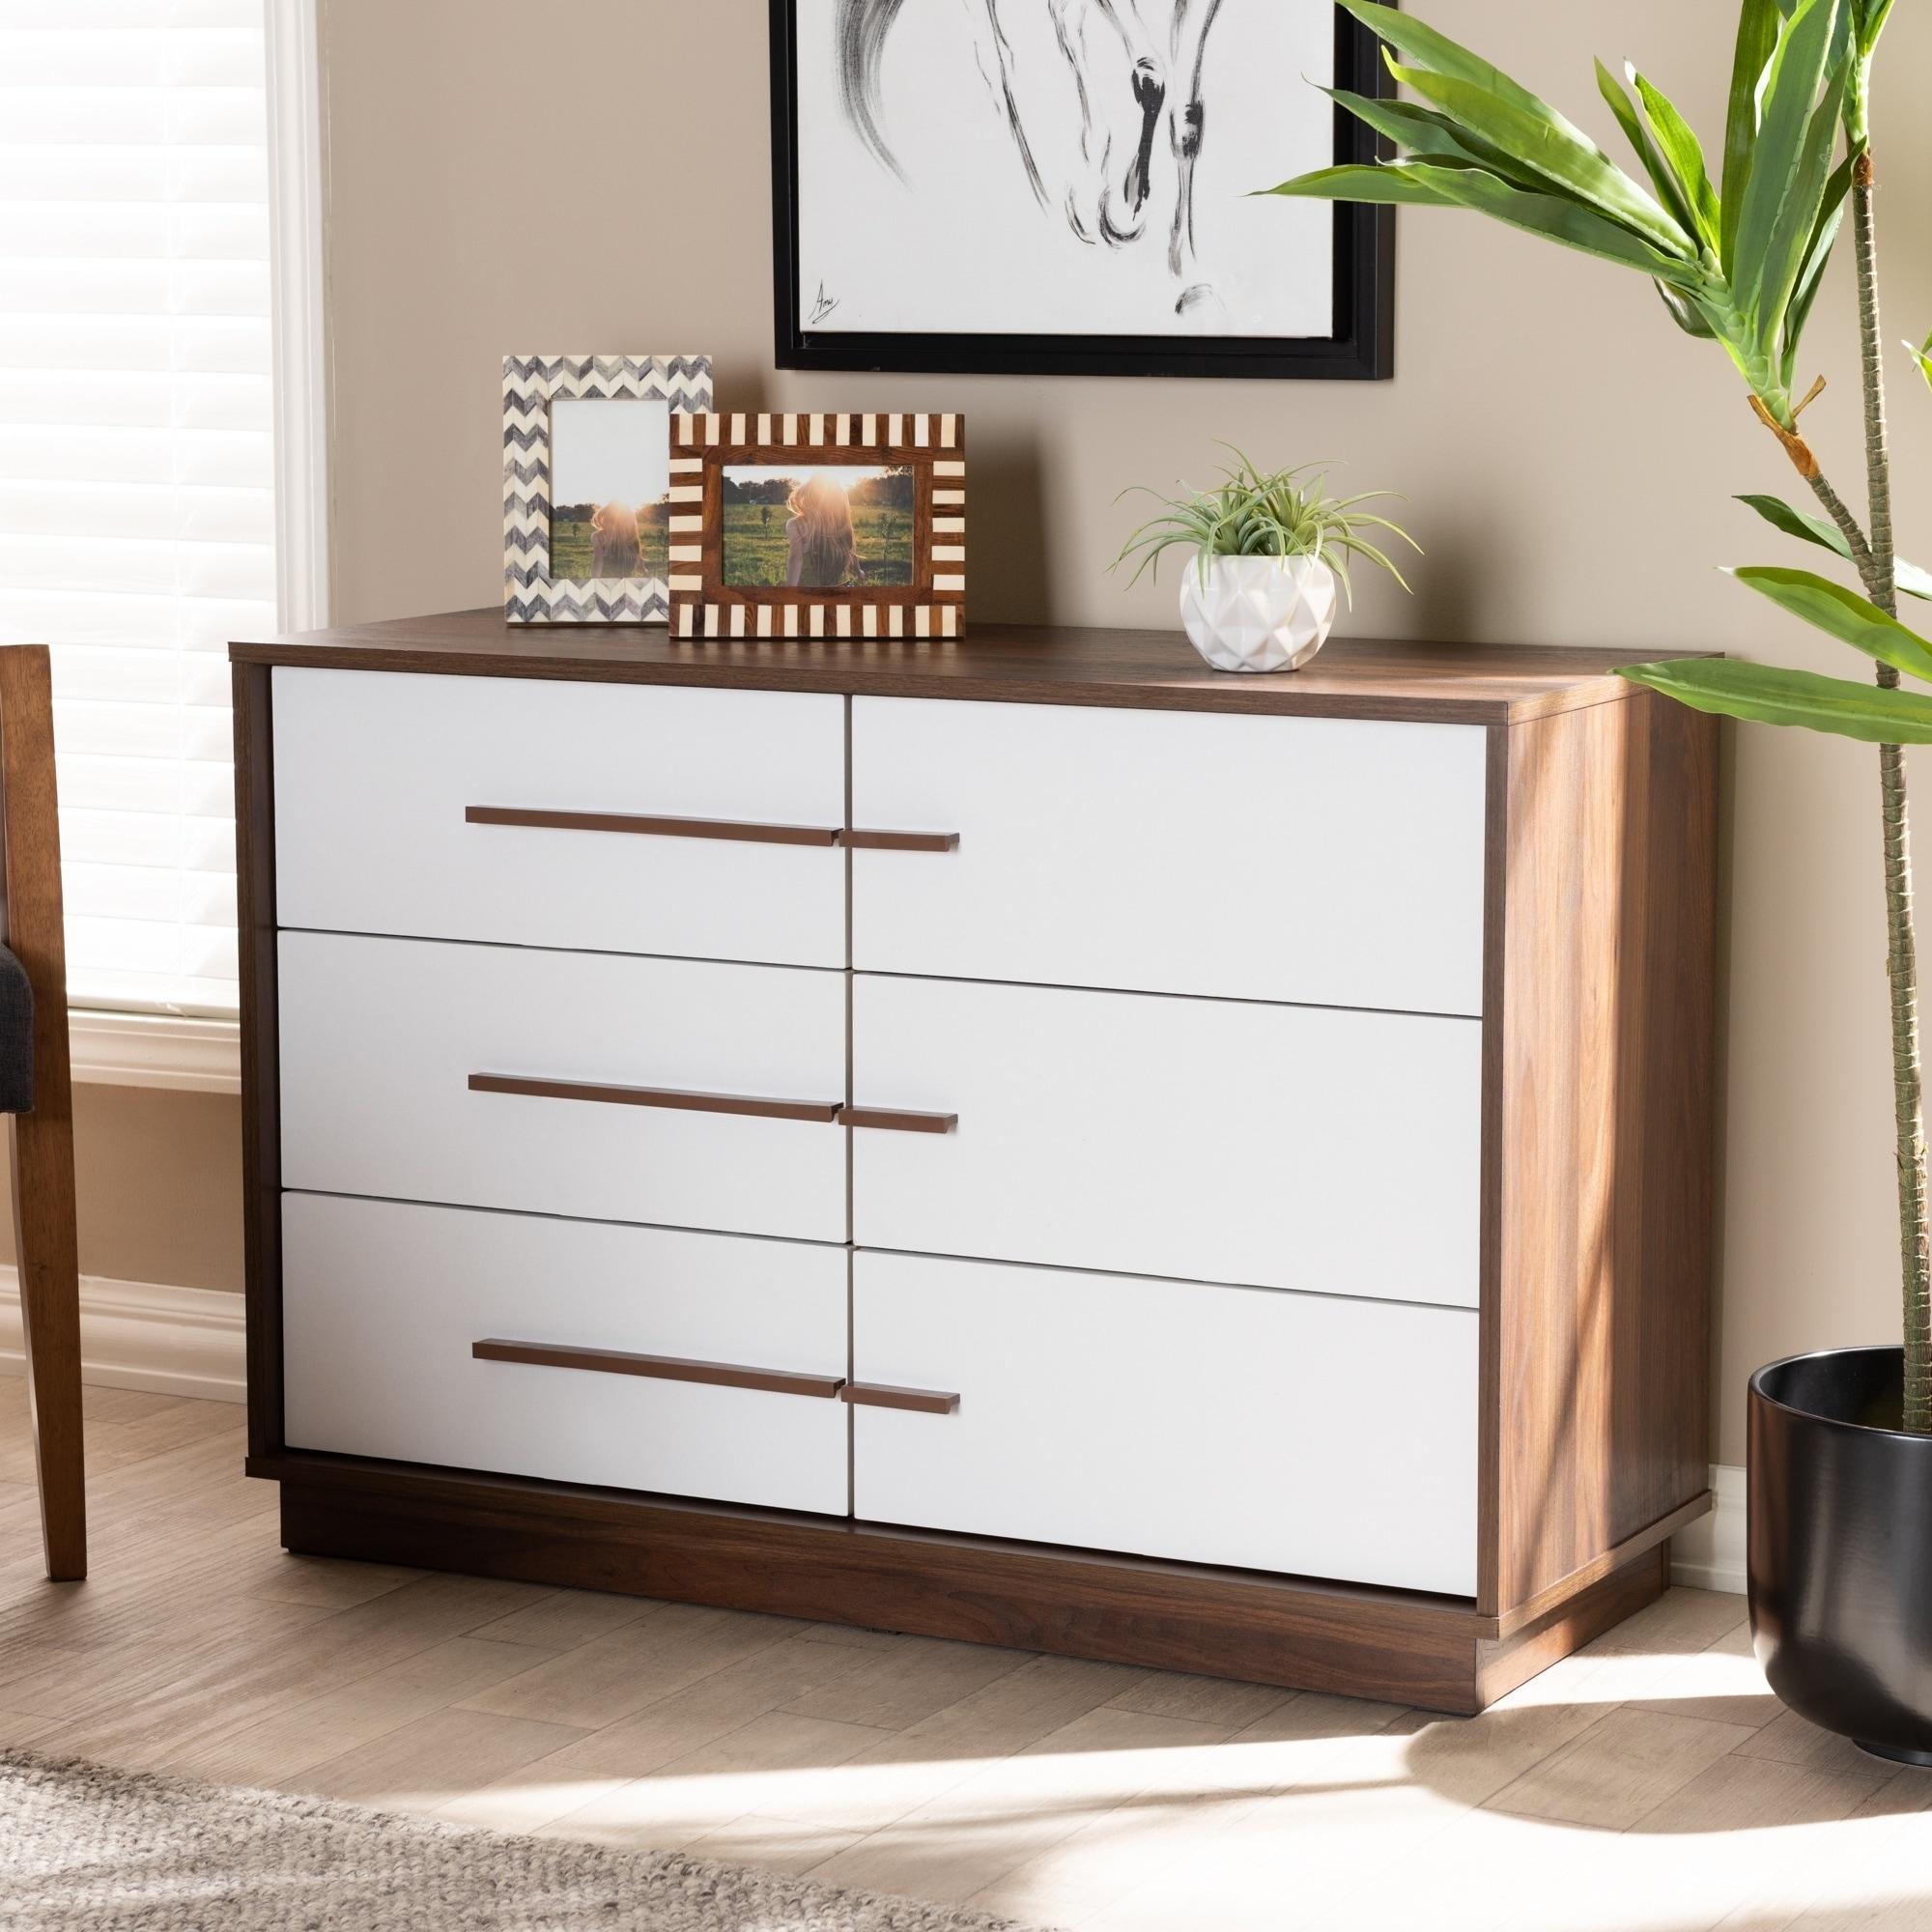 Image of: Shop Black Friday Deals On Mid Century Modern 6 Drawer Dresser On Sale Overstock 28560731